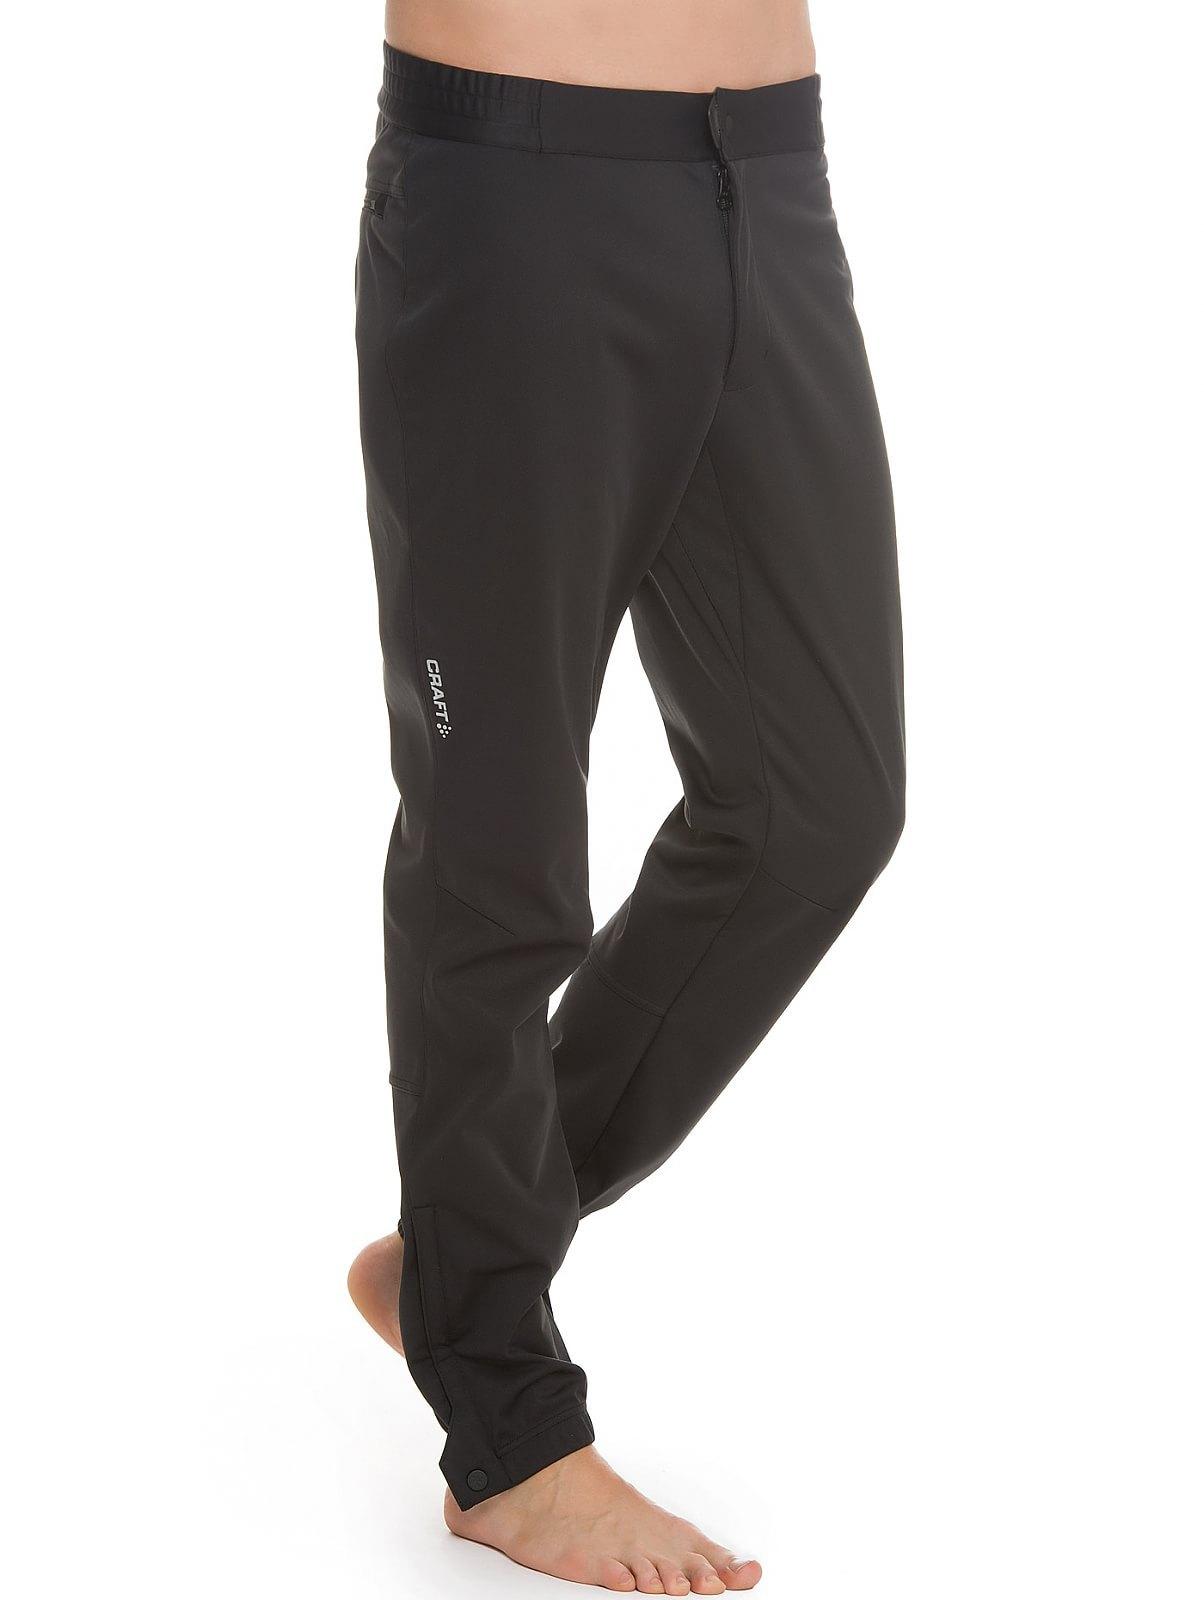 Мужской утепленный лыжный костюм Craft Voyage XC (1903581-2810-1903582-9999) черный